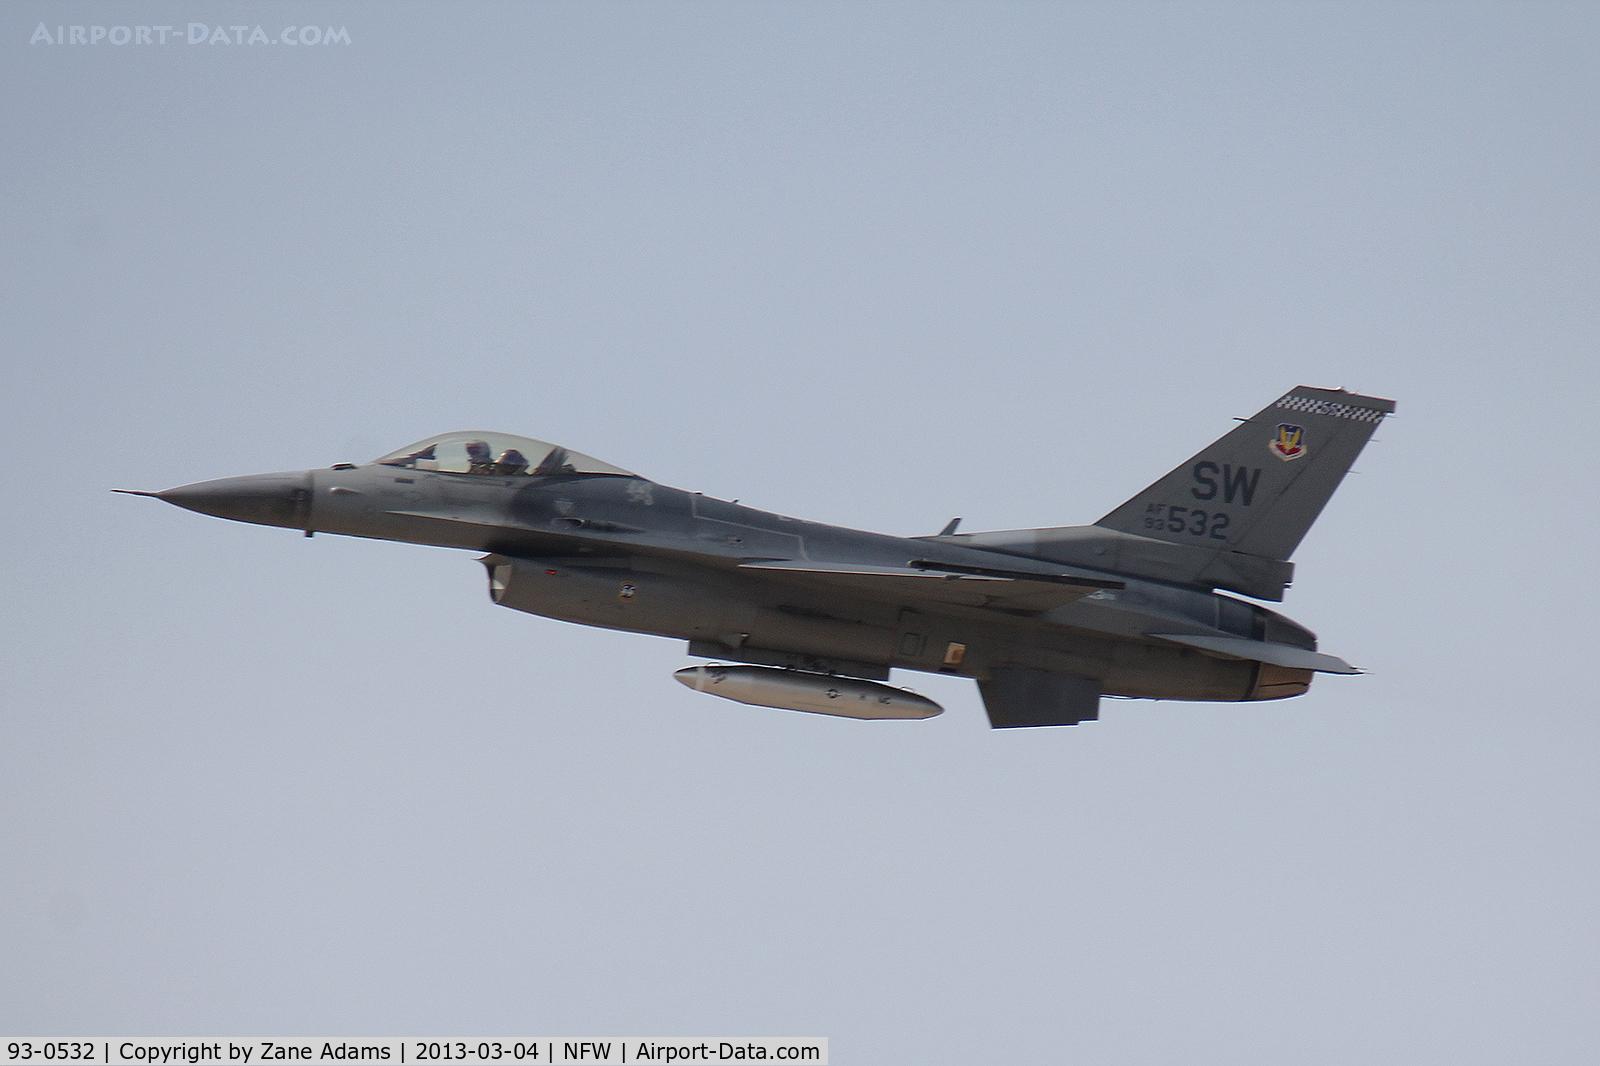 93-0532, 1993 Lockheed F-16C Fighting Falcon C/N CC-167, USAF F-16 departing NAS Fort Worth